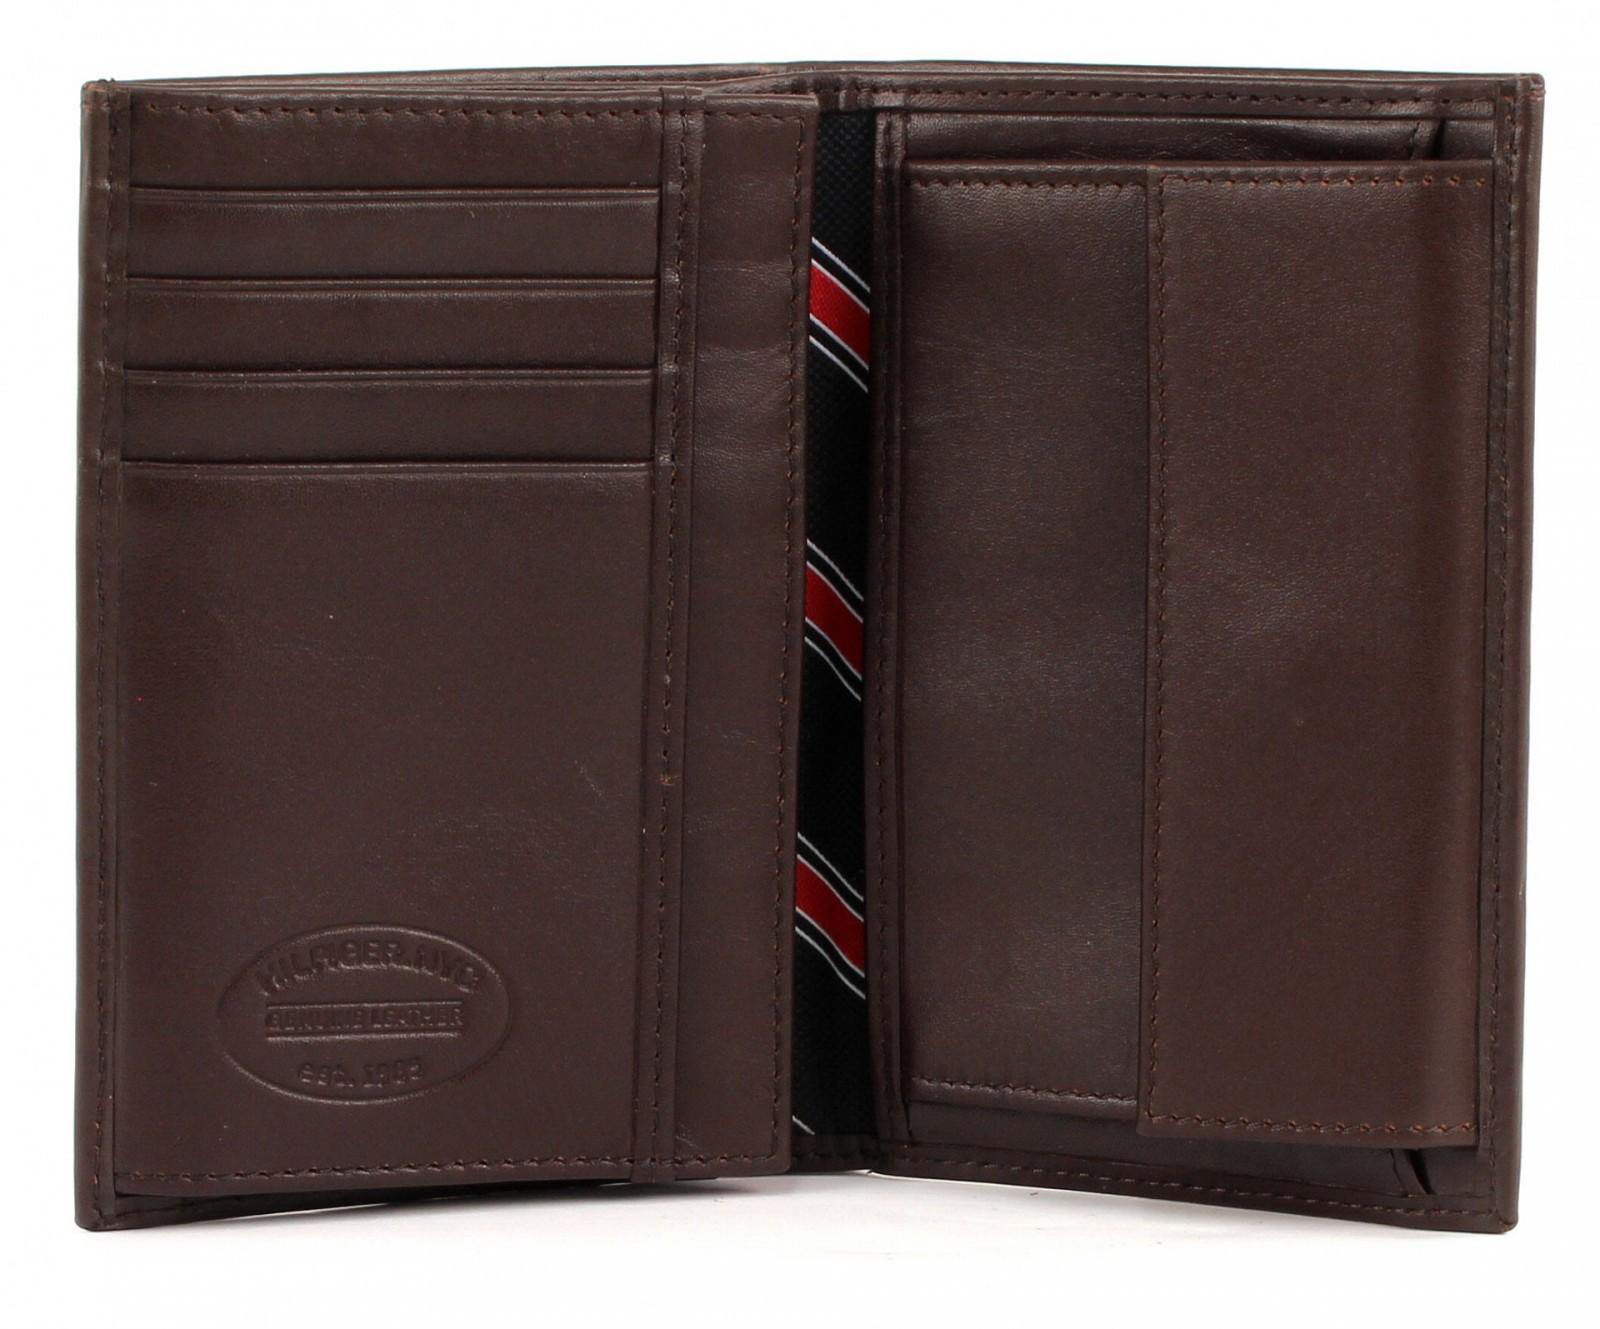 tommy hilfiger purse eton wallet n s with coin pocket brown. Black Bedroom Furniture Sets. Home Design Ideas